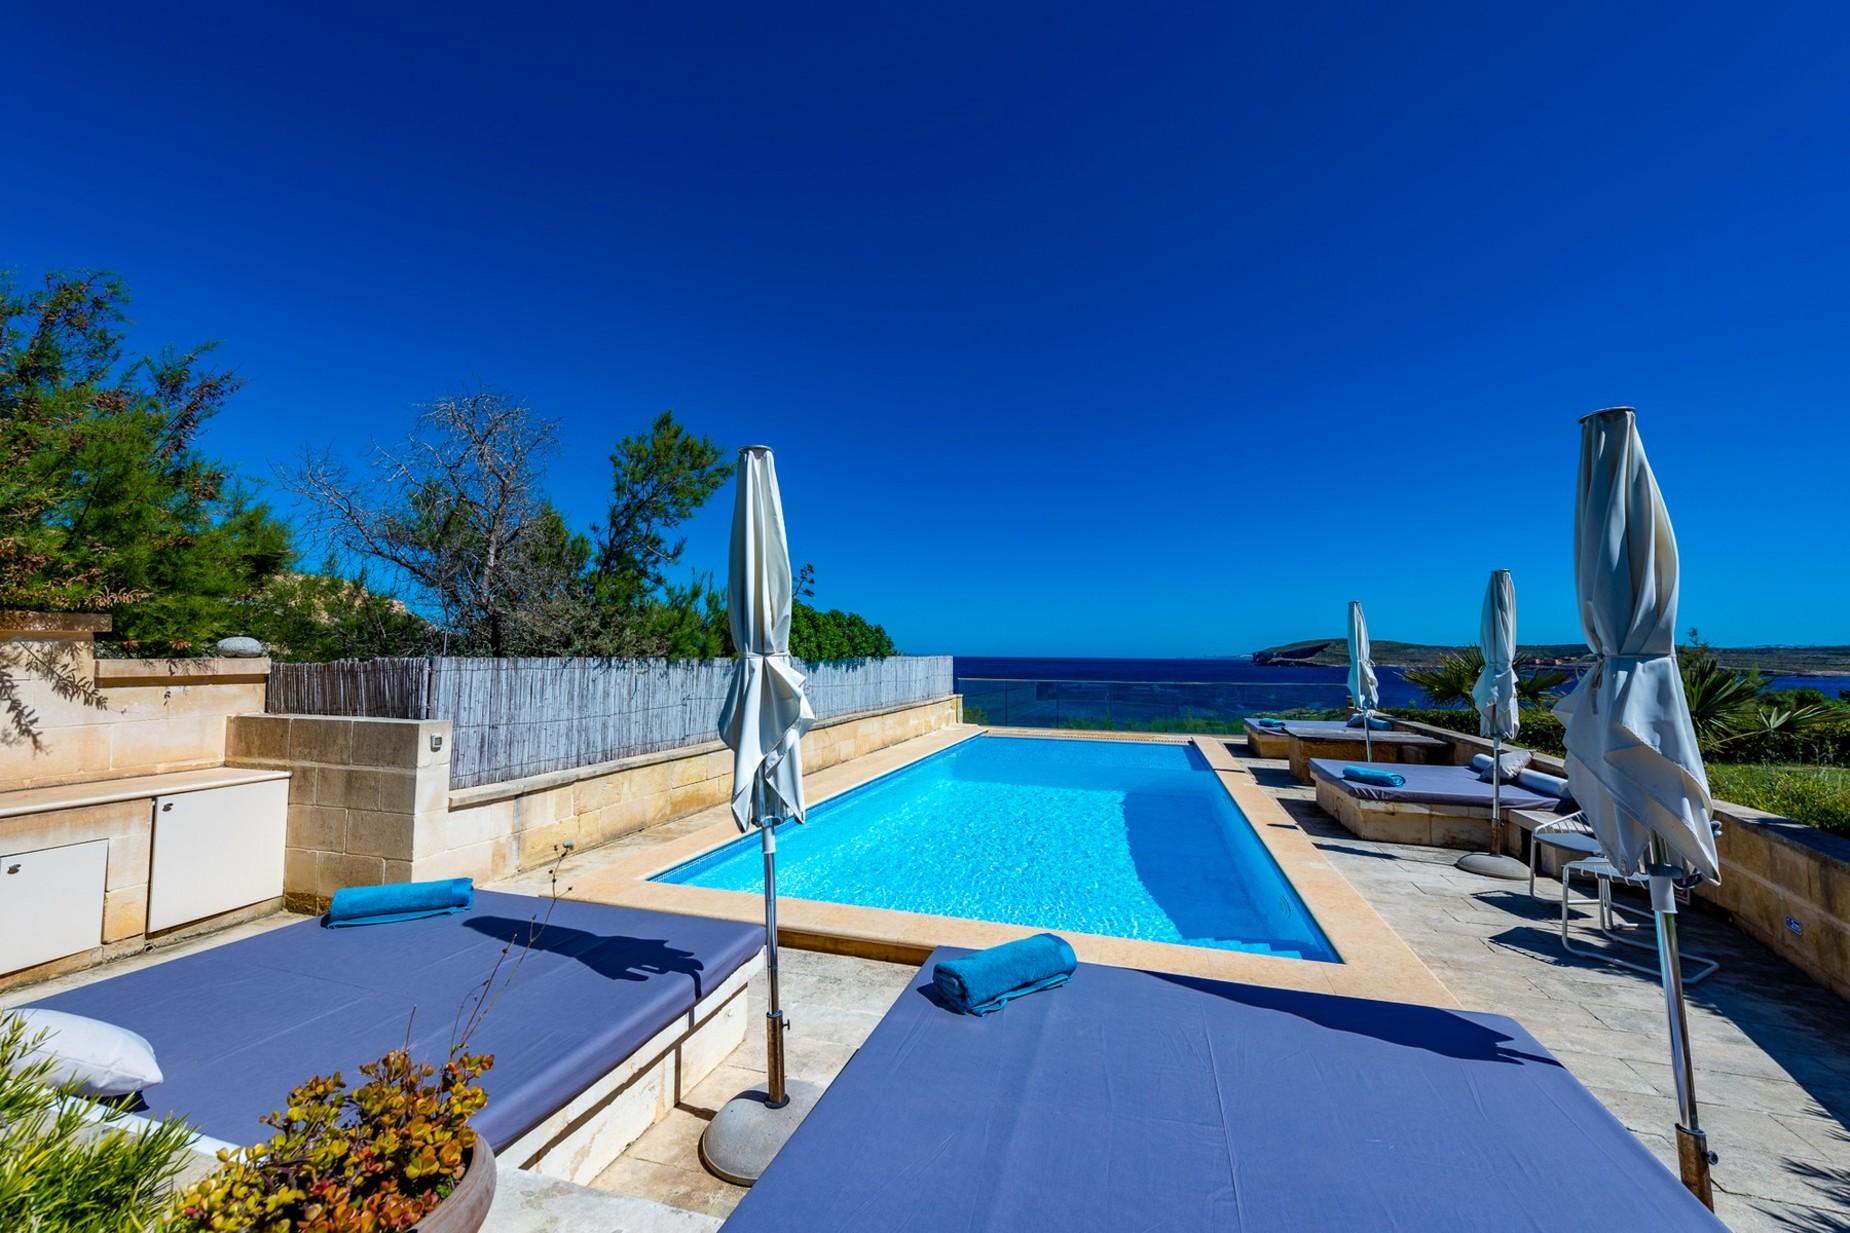 6 bed Villa For Rent in Qala, Qala - thumb 6